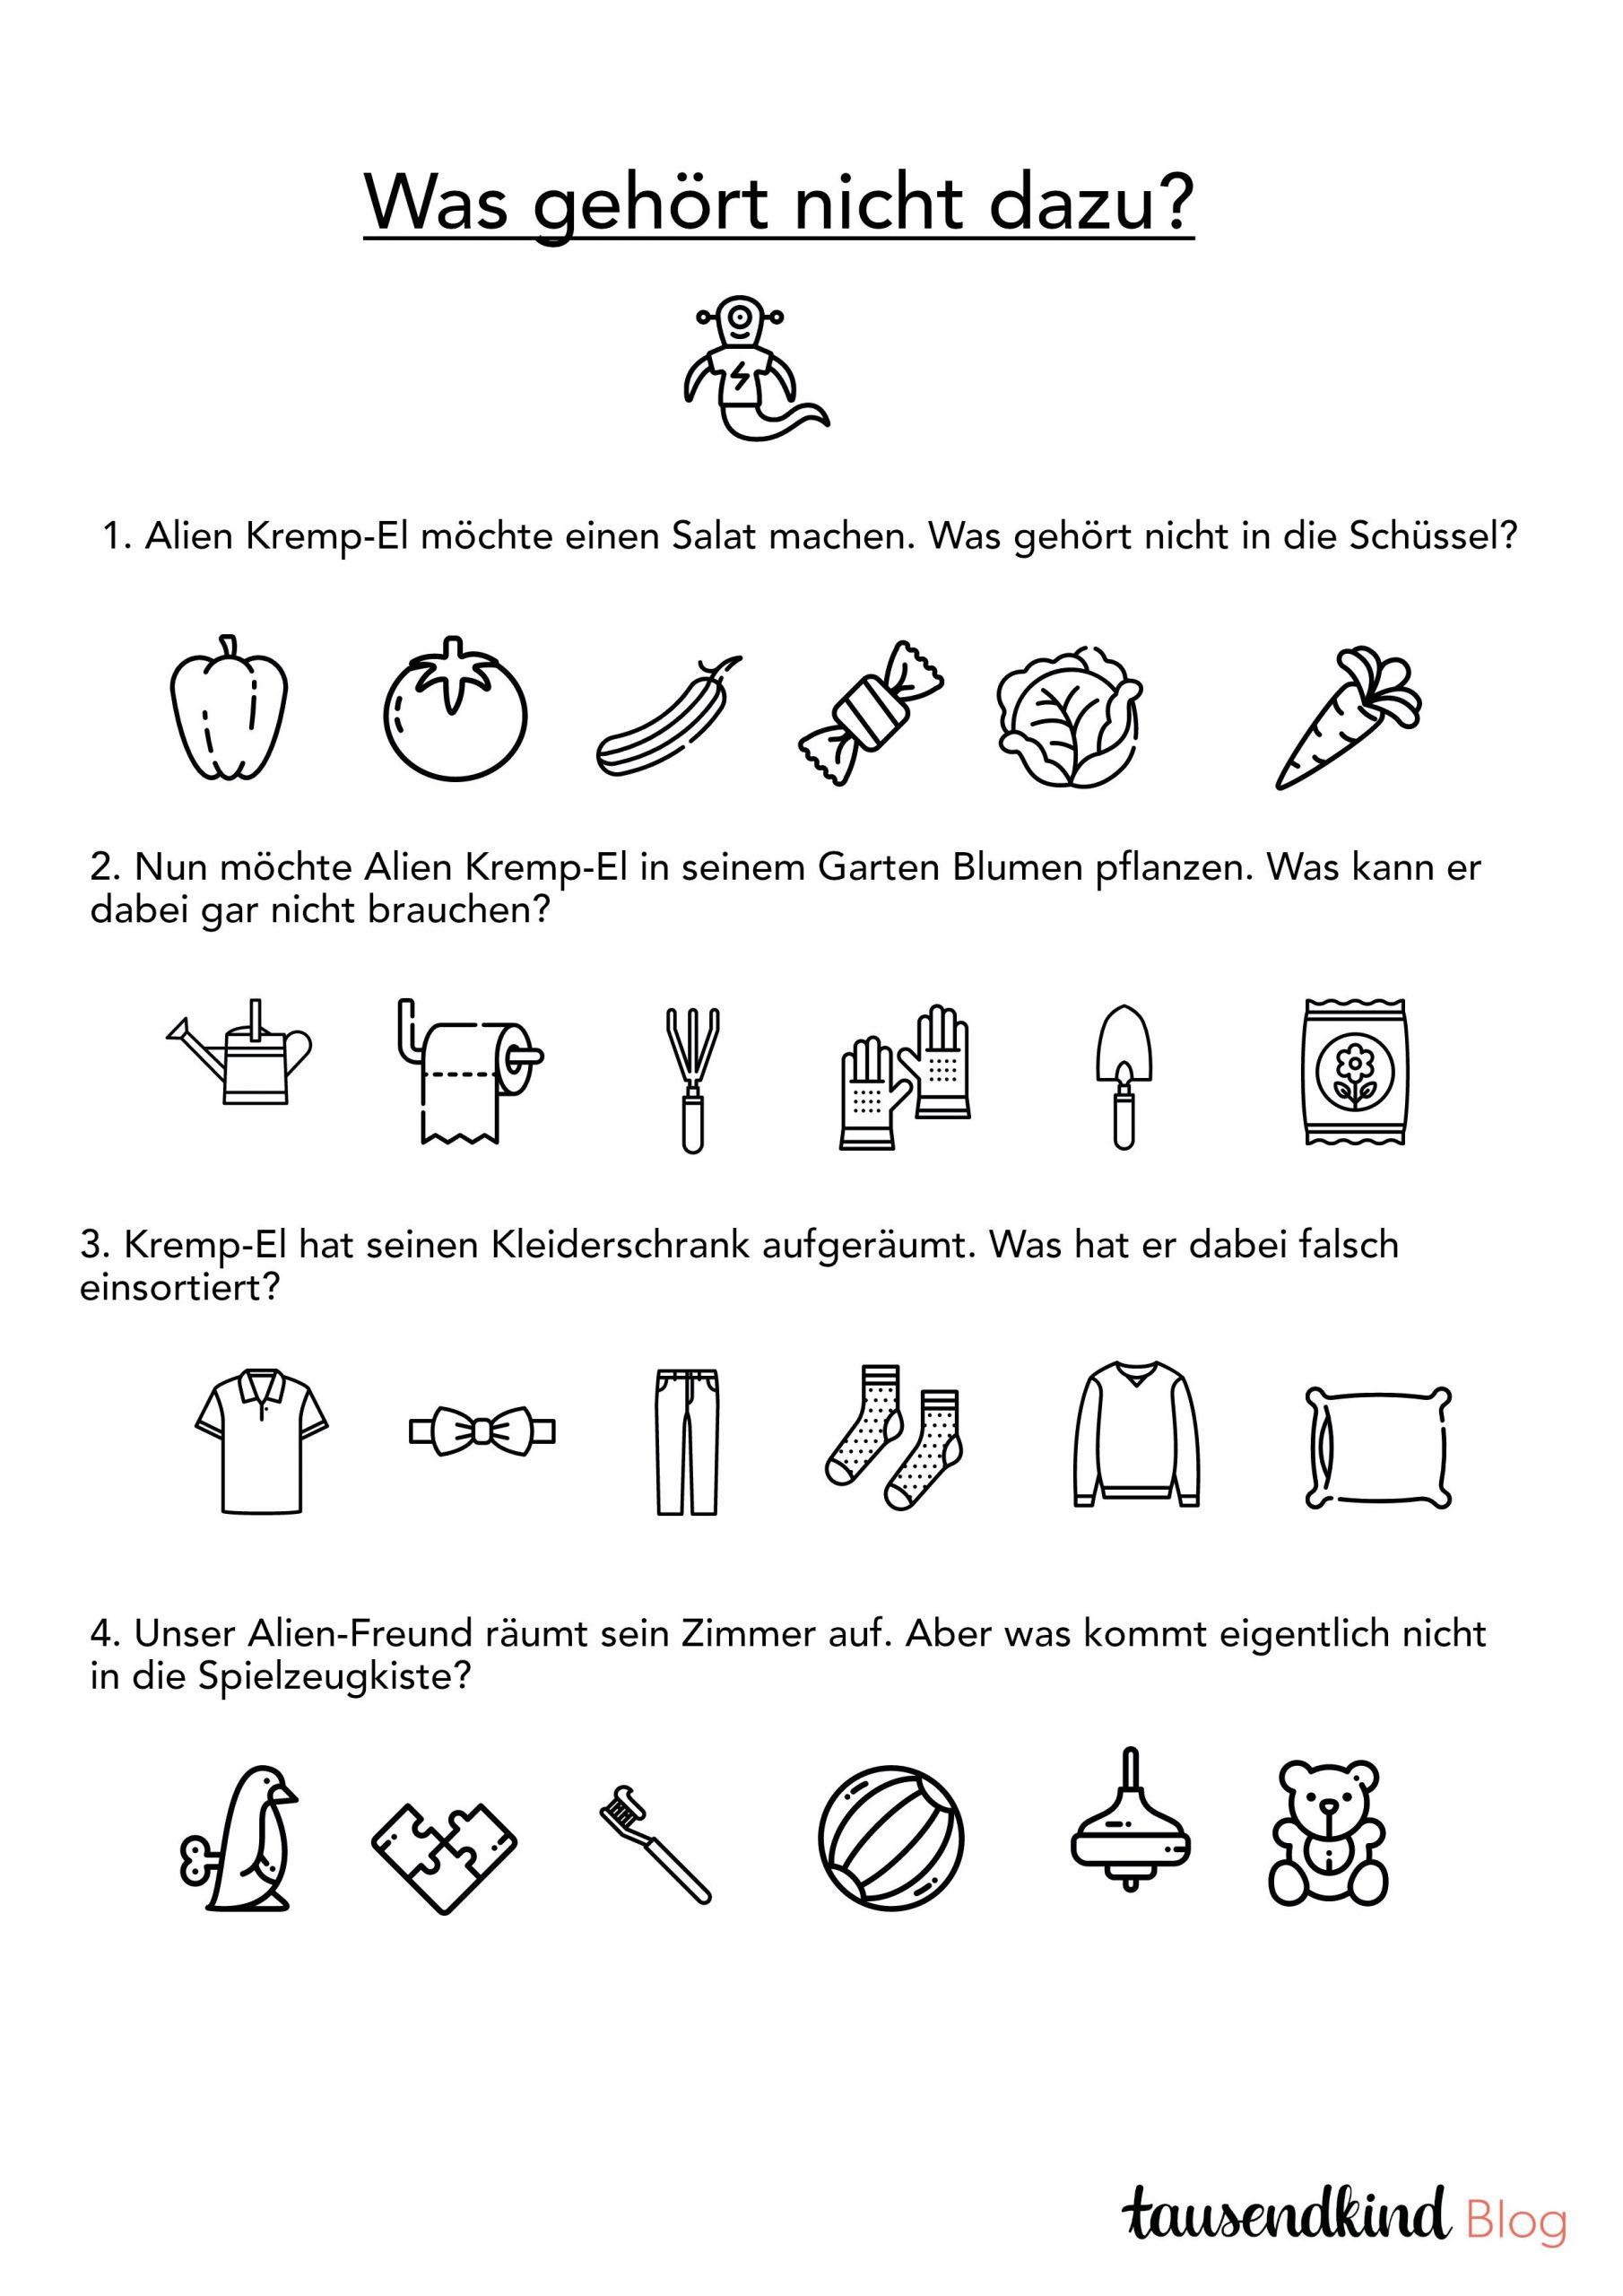 Rätsel Für Kinder Zum Ausdrucken - 5 Varianten Gegen Die ganzes Weihnachtsrätsel Für Kindergartenkinder